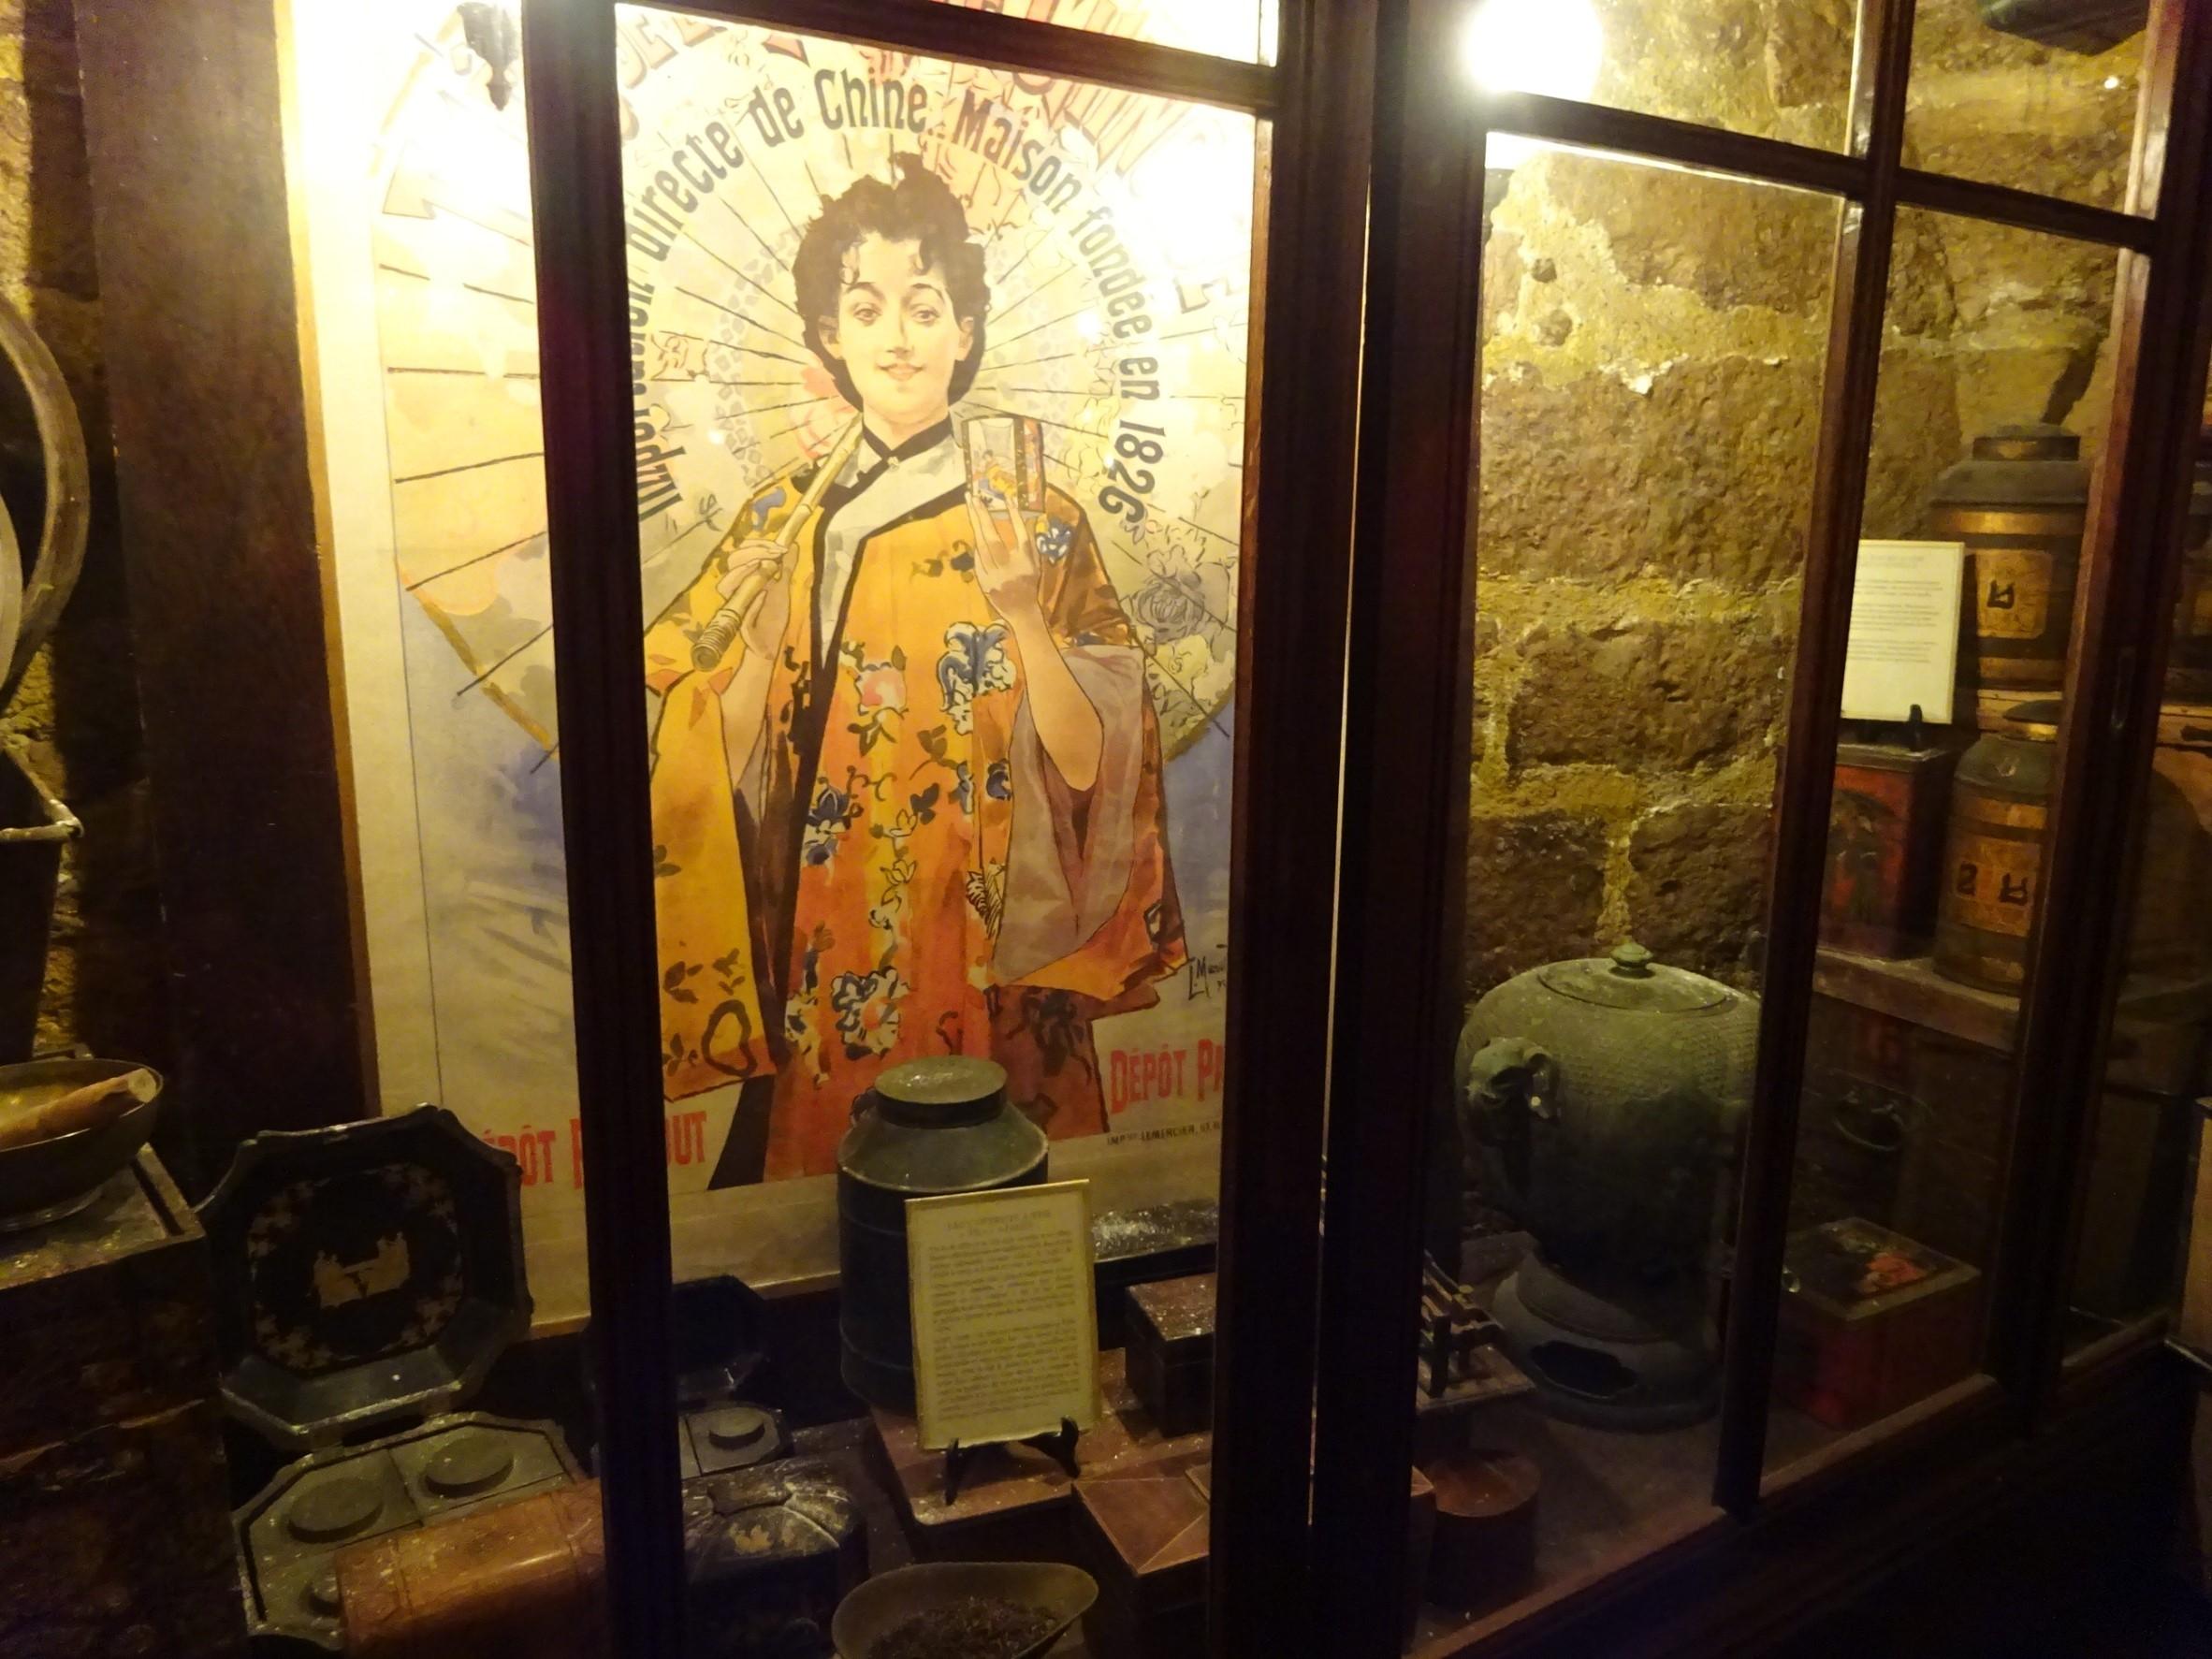 リーヴゴーシュ店の紅茶博物館にあったポスター。ベルエポックな雰囲気。